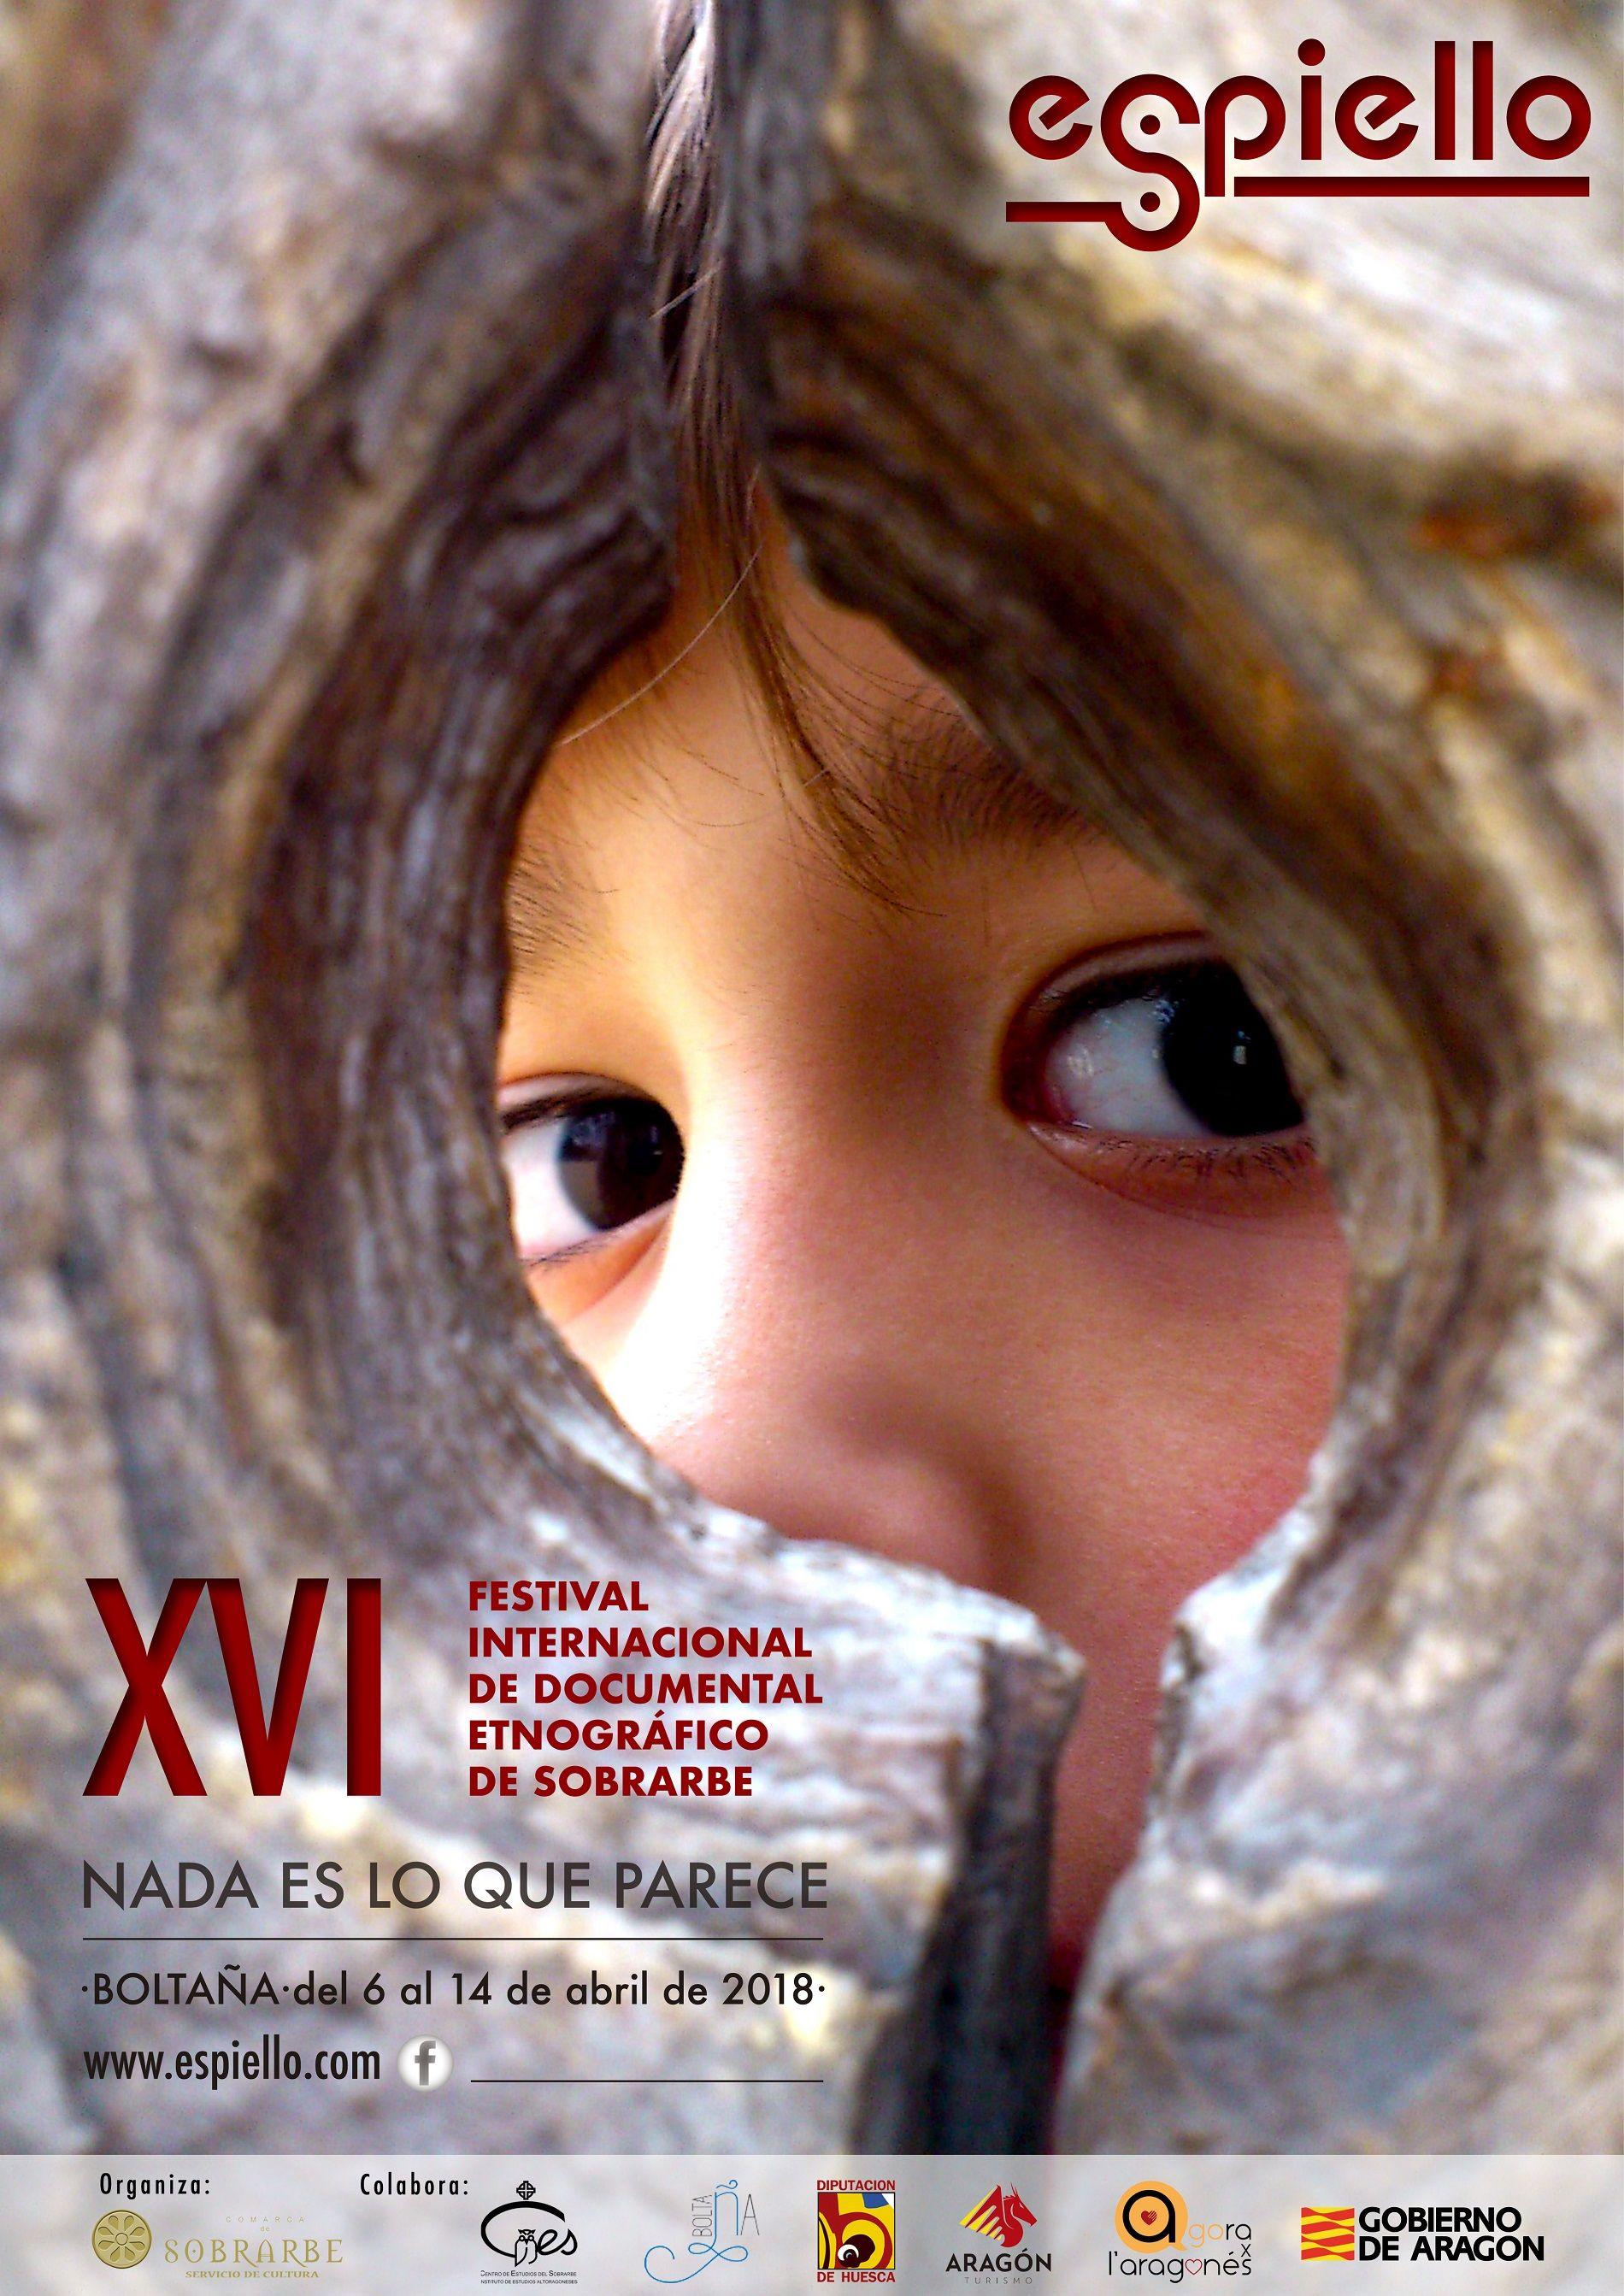 Imagen del cartel ganador de la última edición